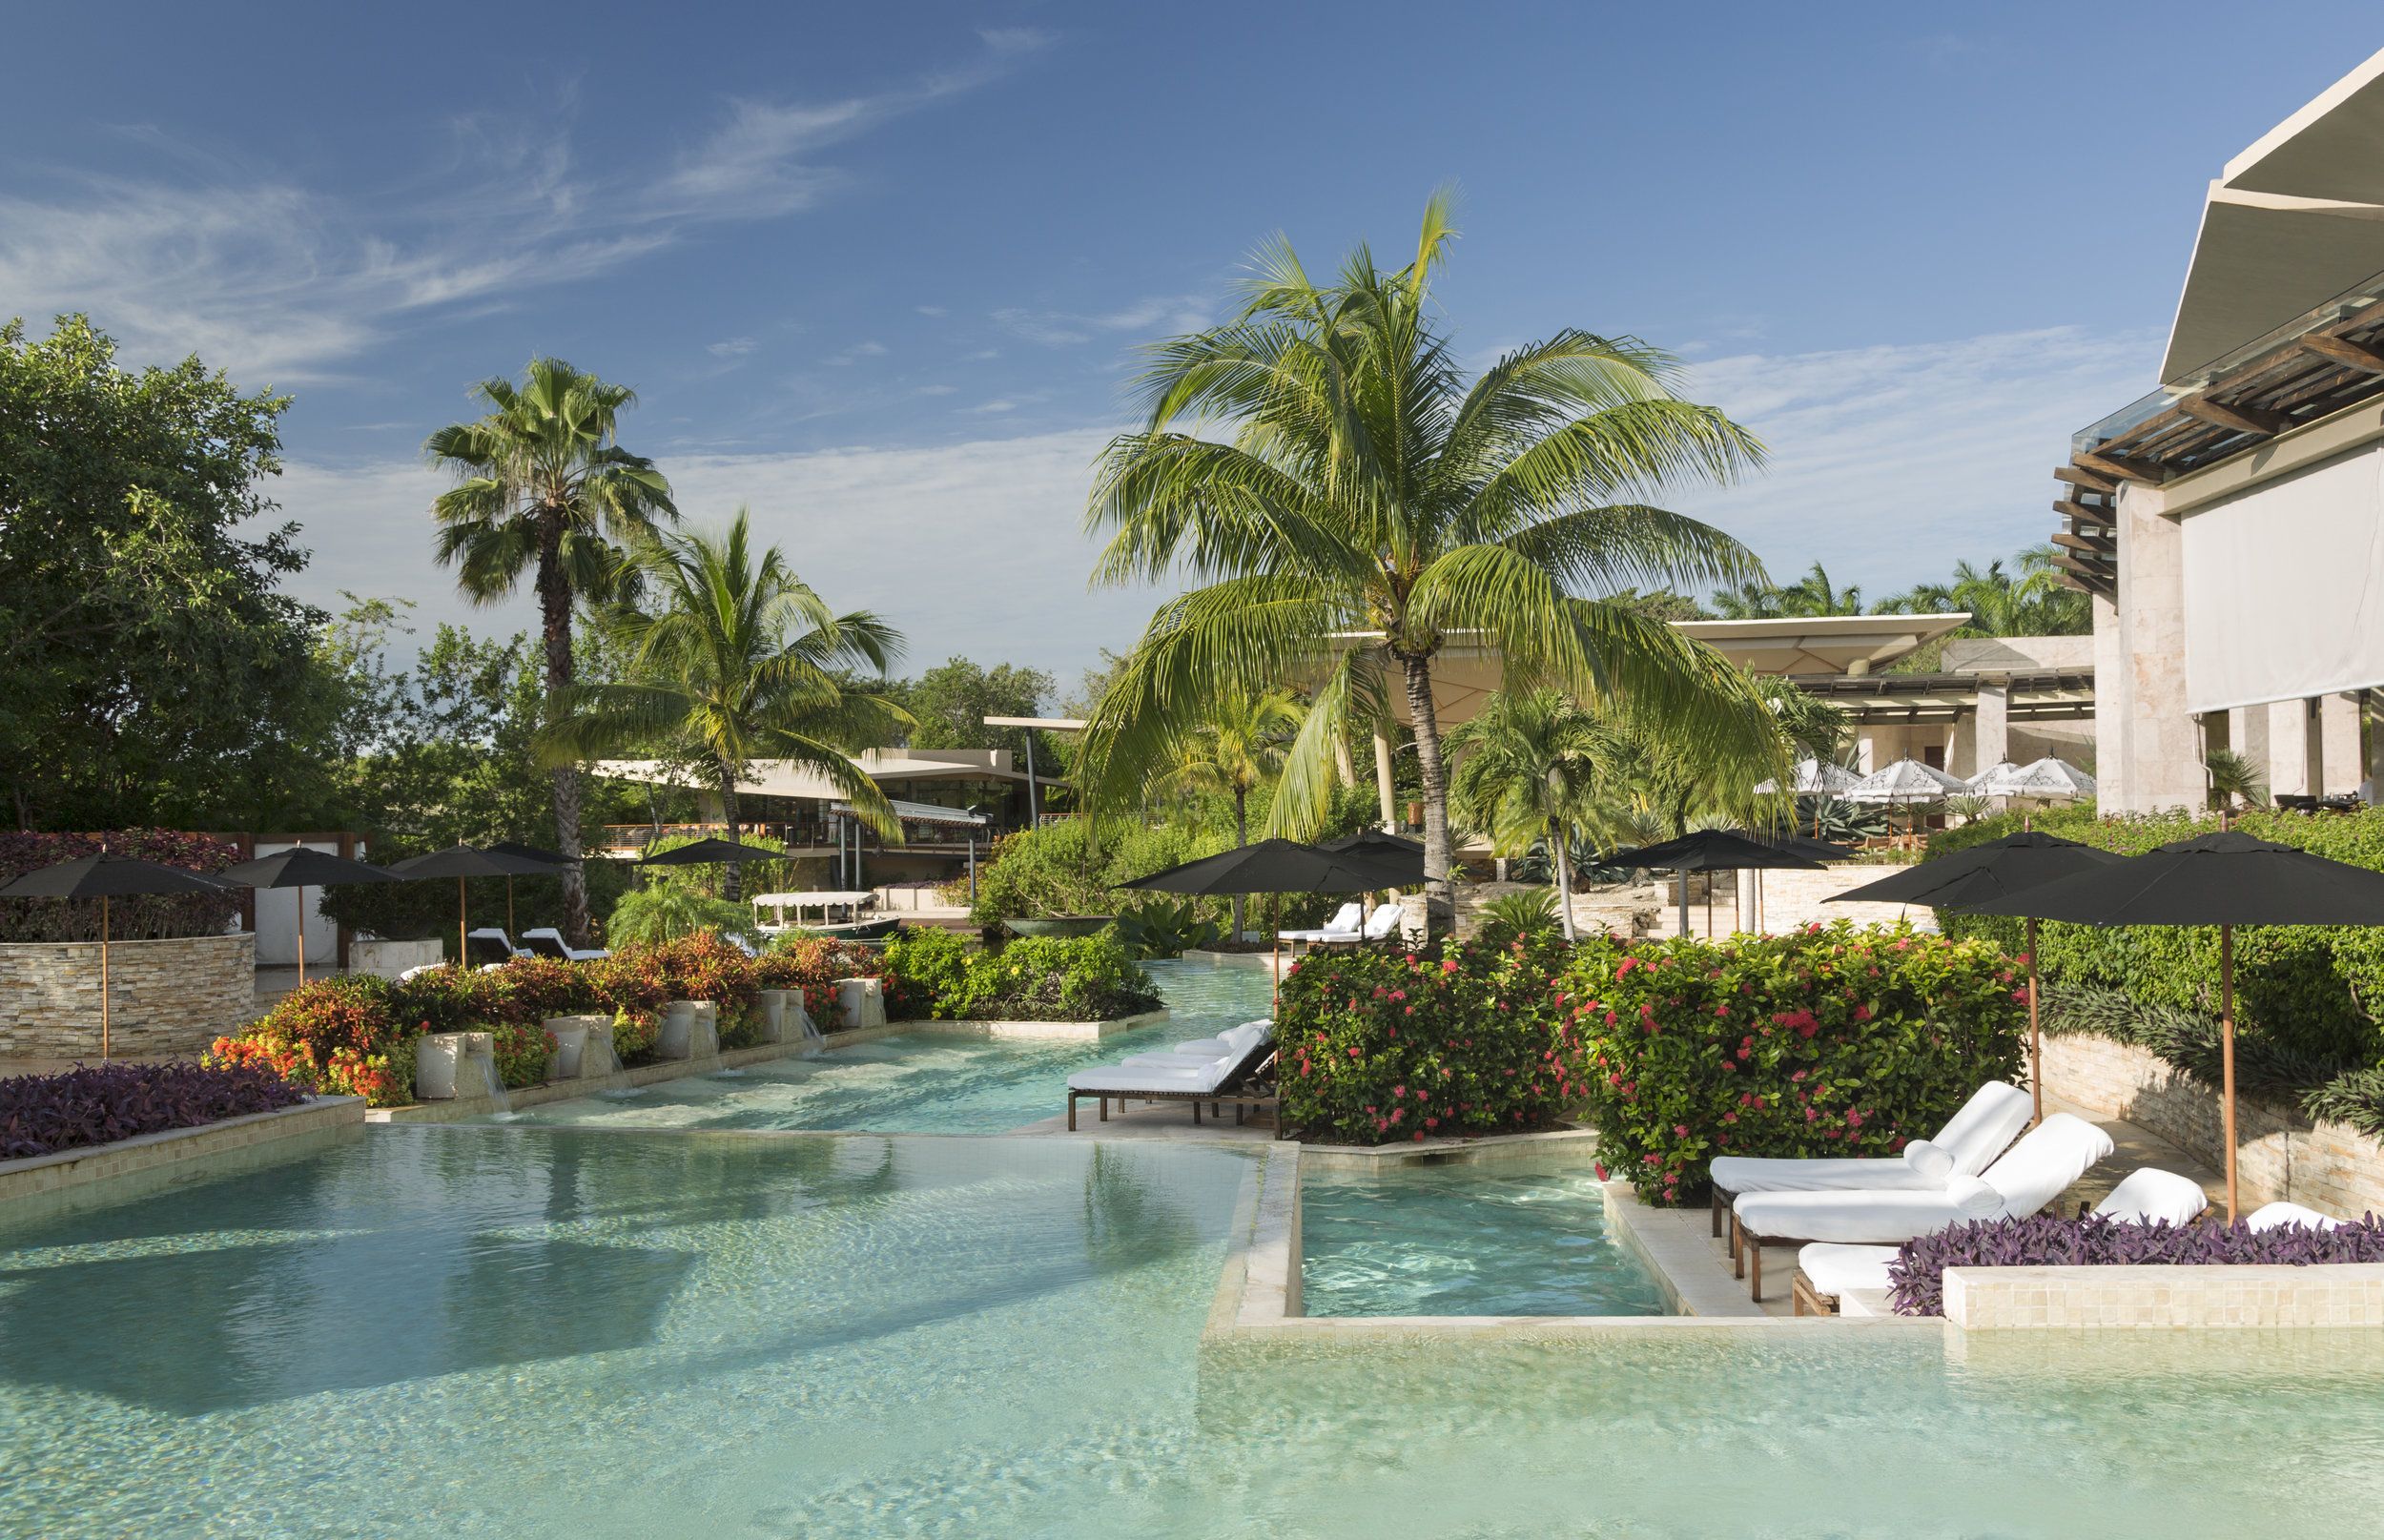 Rosewood_Mayakoba0020 - Casa del Lago Pool.jpg